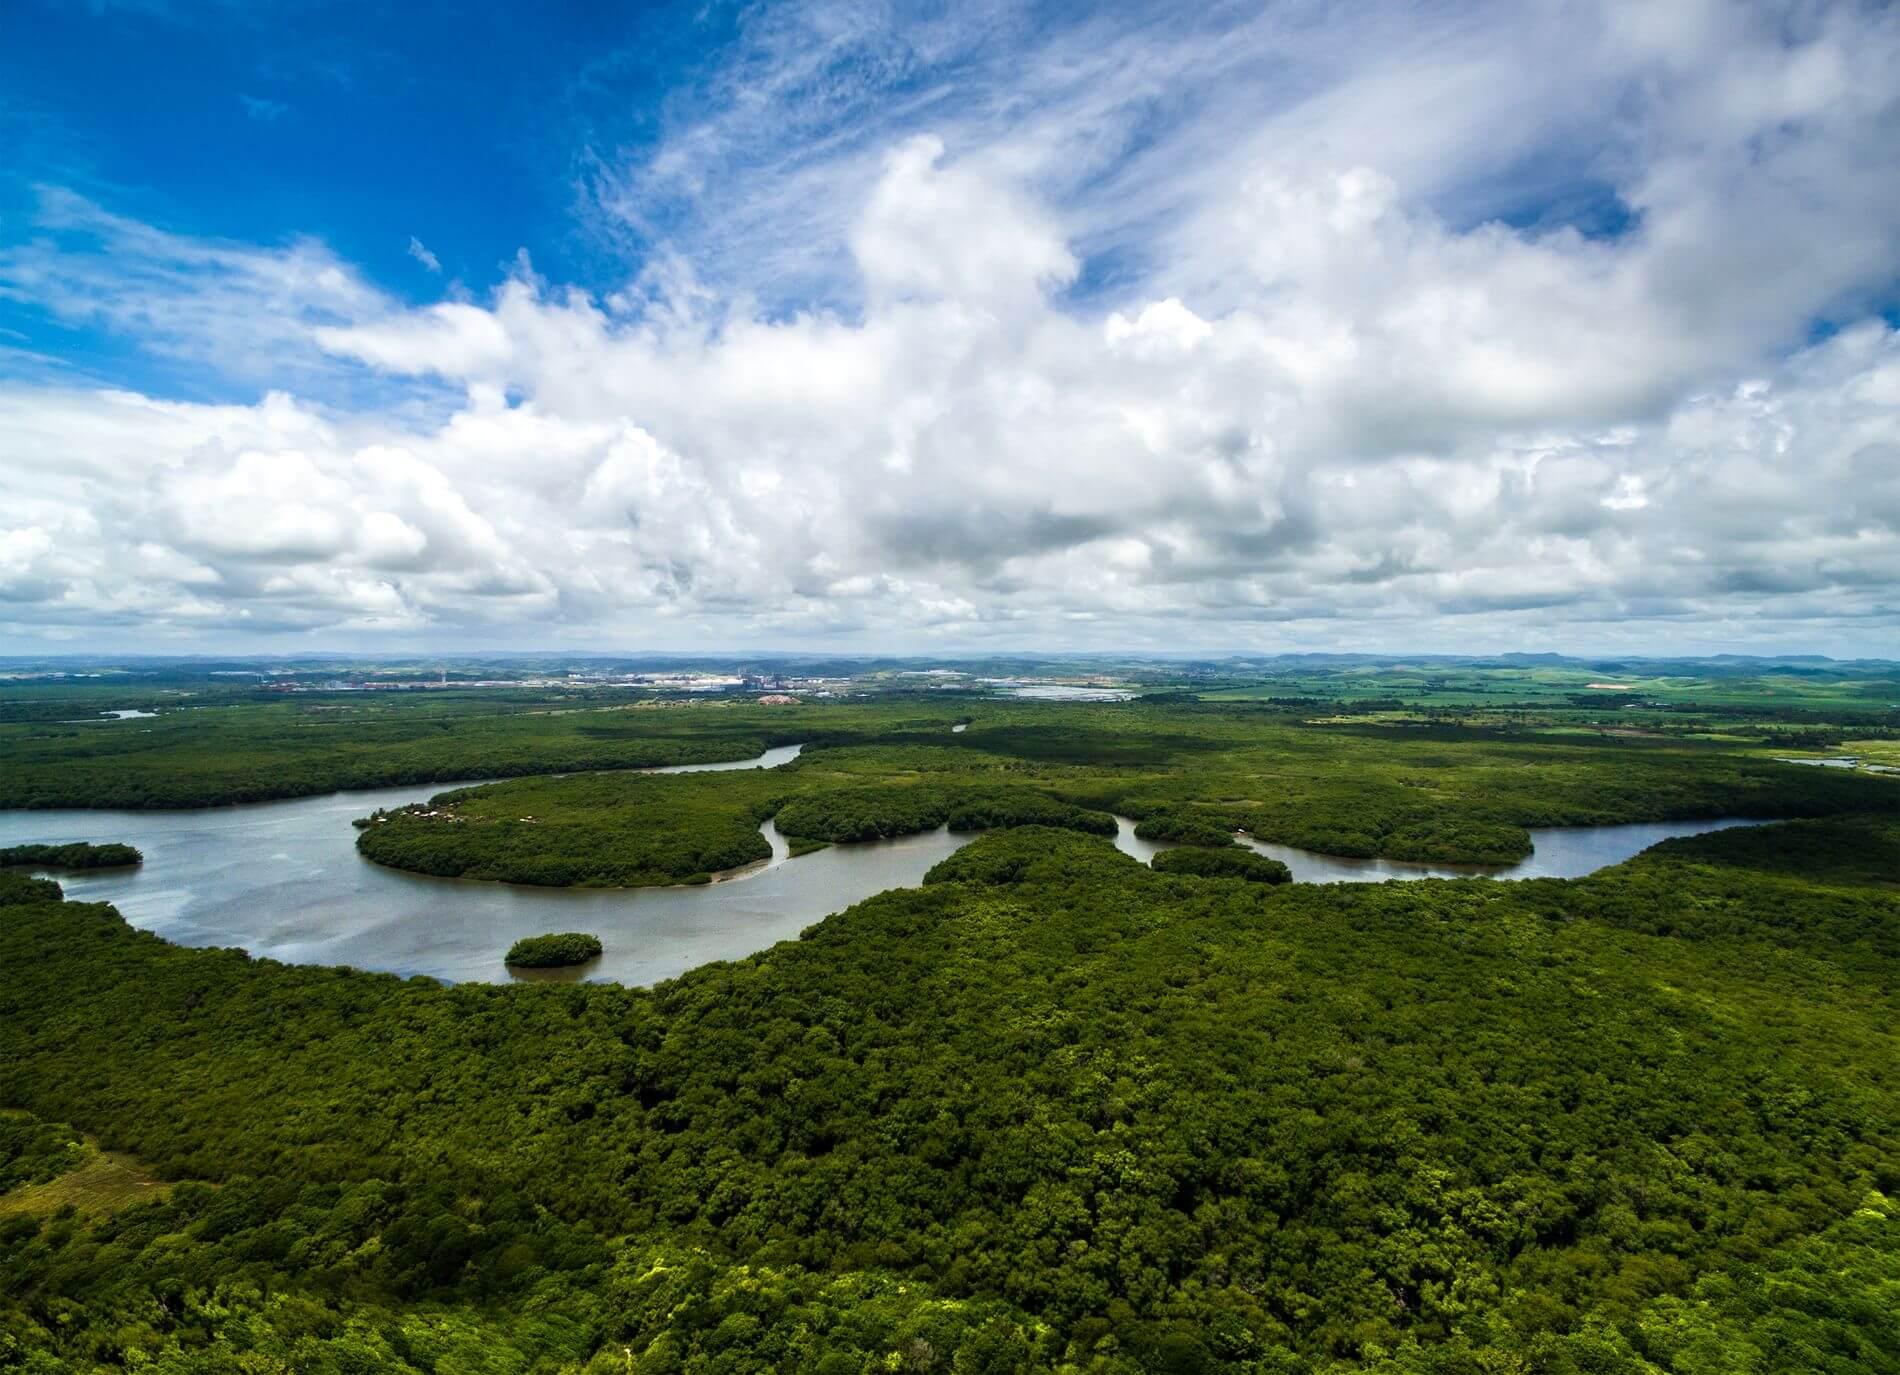 Vue sur la forêt amazonienne et sa rivière